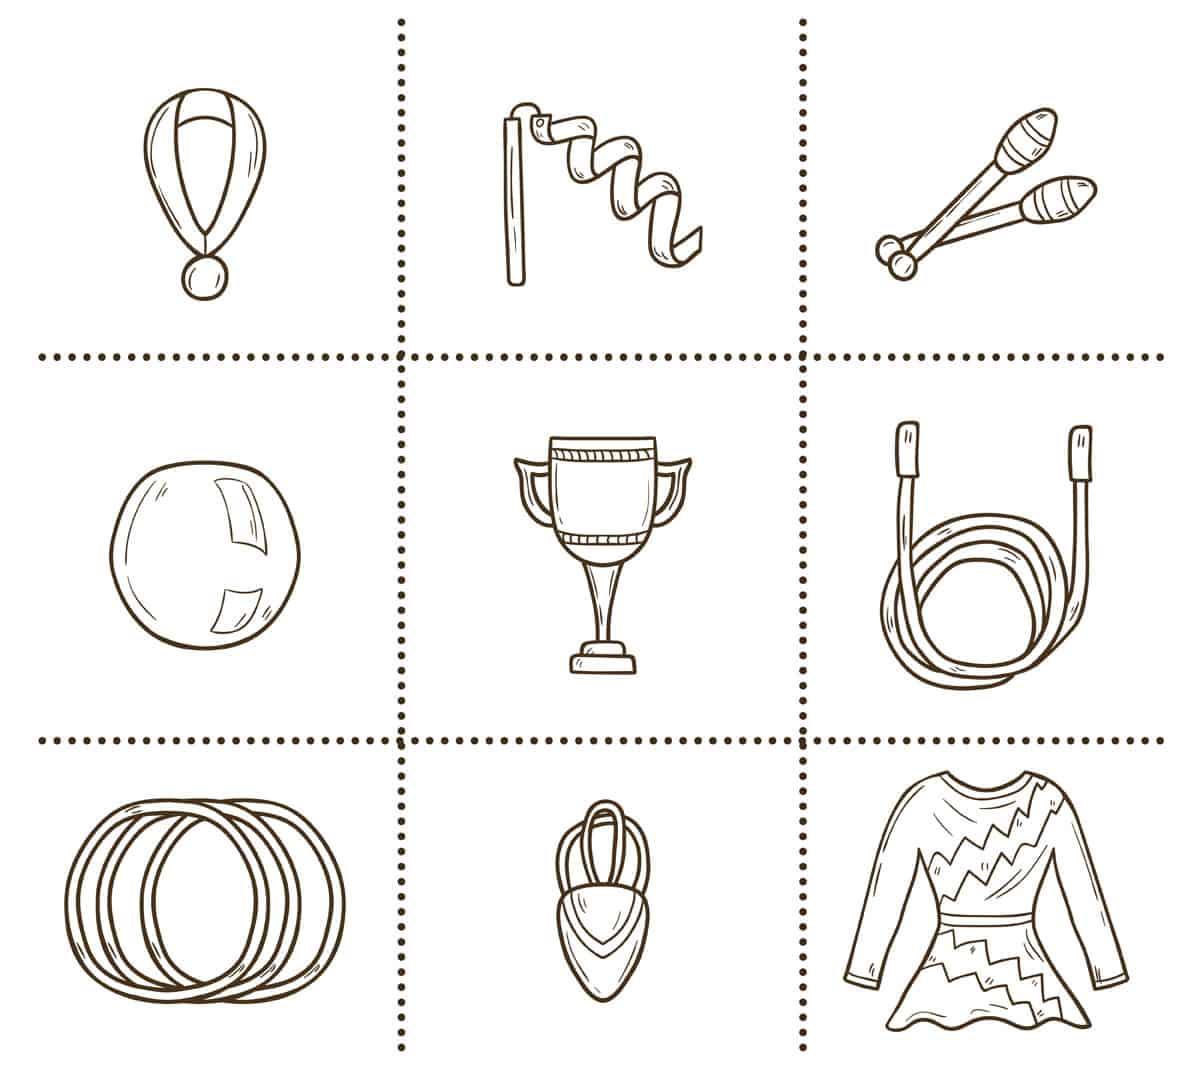 Der findes meget forskelligt gymnastikudstyr. F.eks. ringe, køller, vimpel, tov, selve gymnastikdragten og mm.